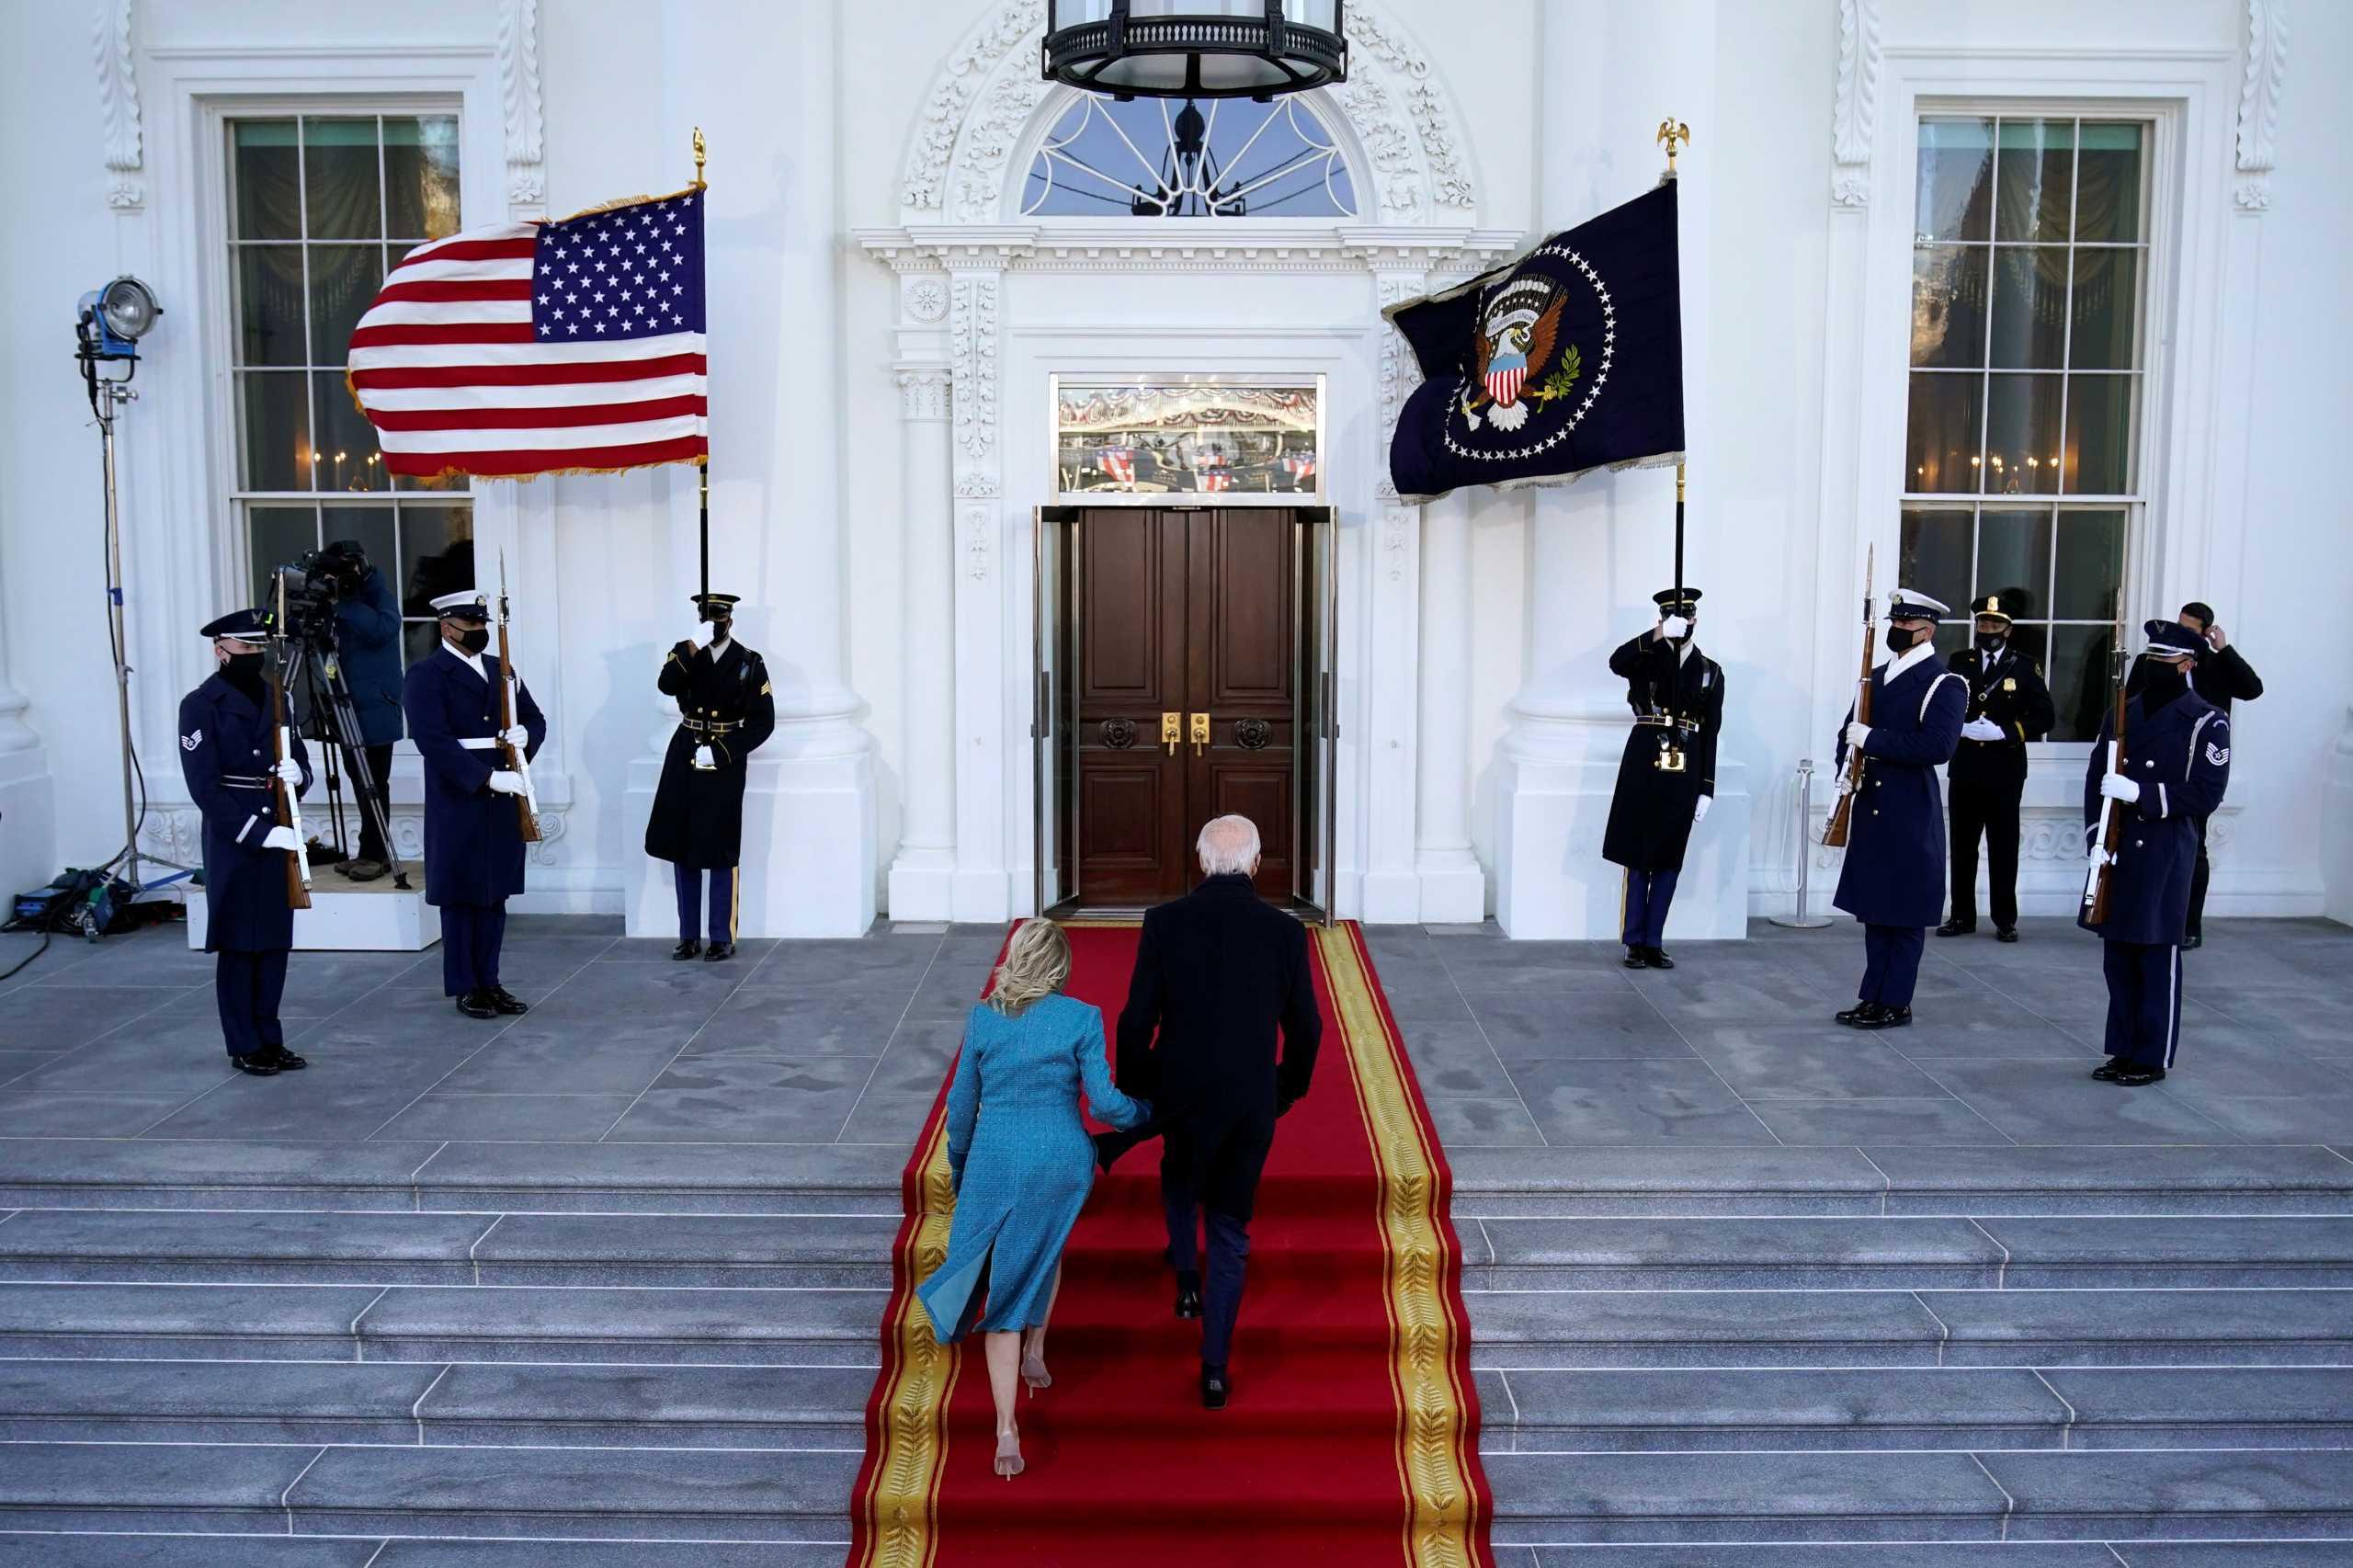 Ο Τραμπ «έκλεισε» τους Μπάιντεν έξω από τον Λευκό Οίκο